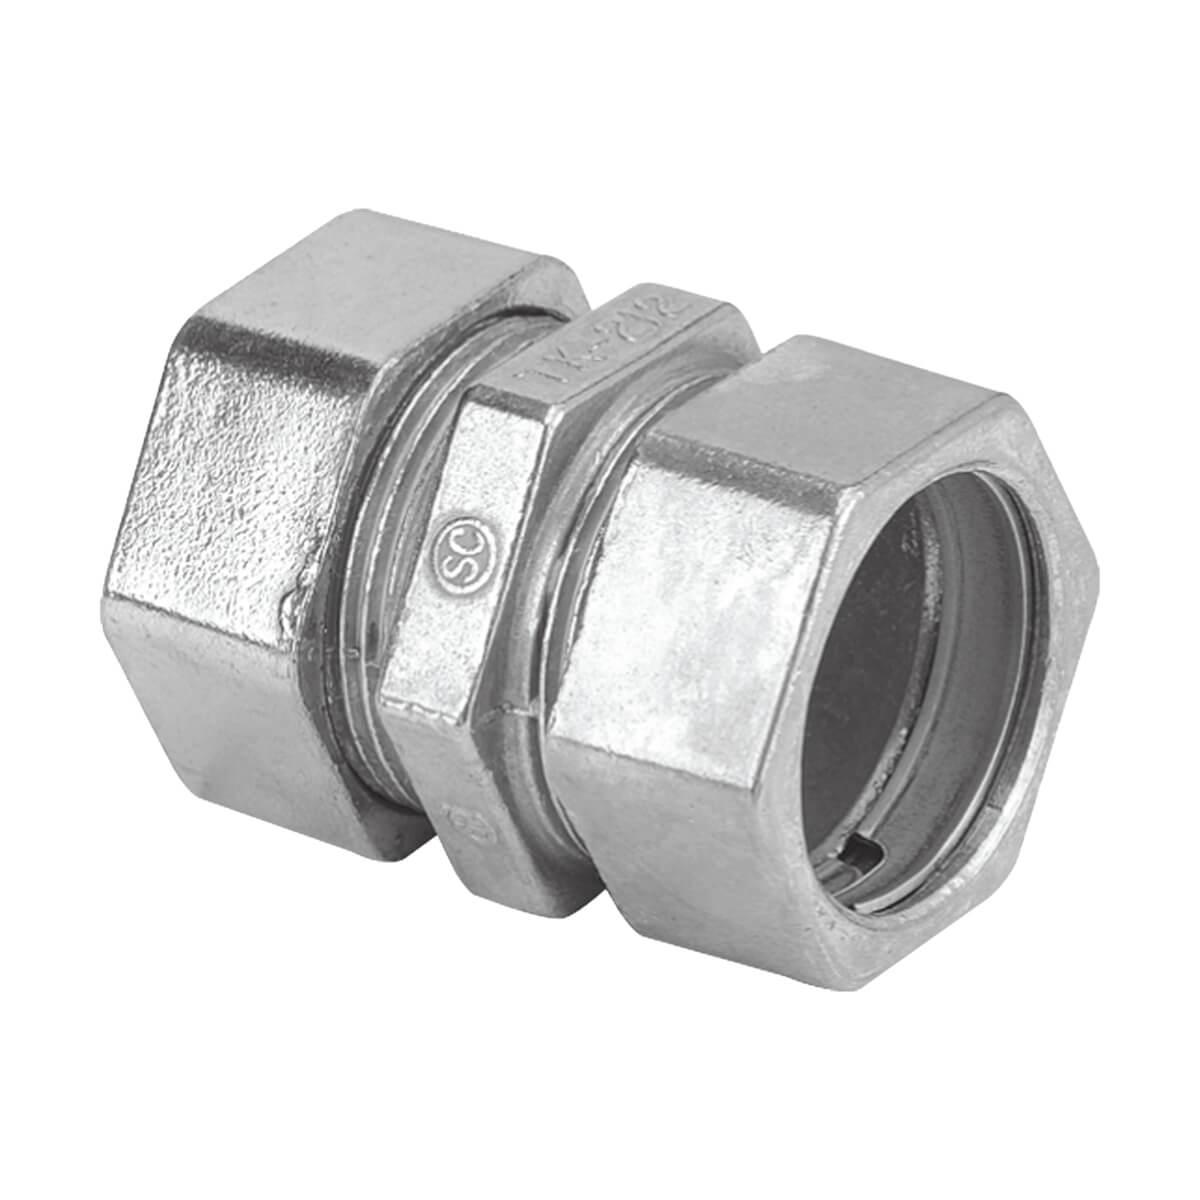 EMT Compression Coupling - 1-1/4-in